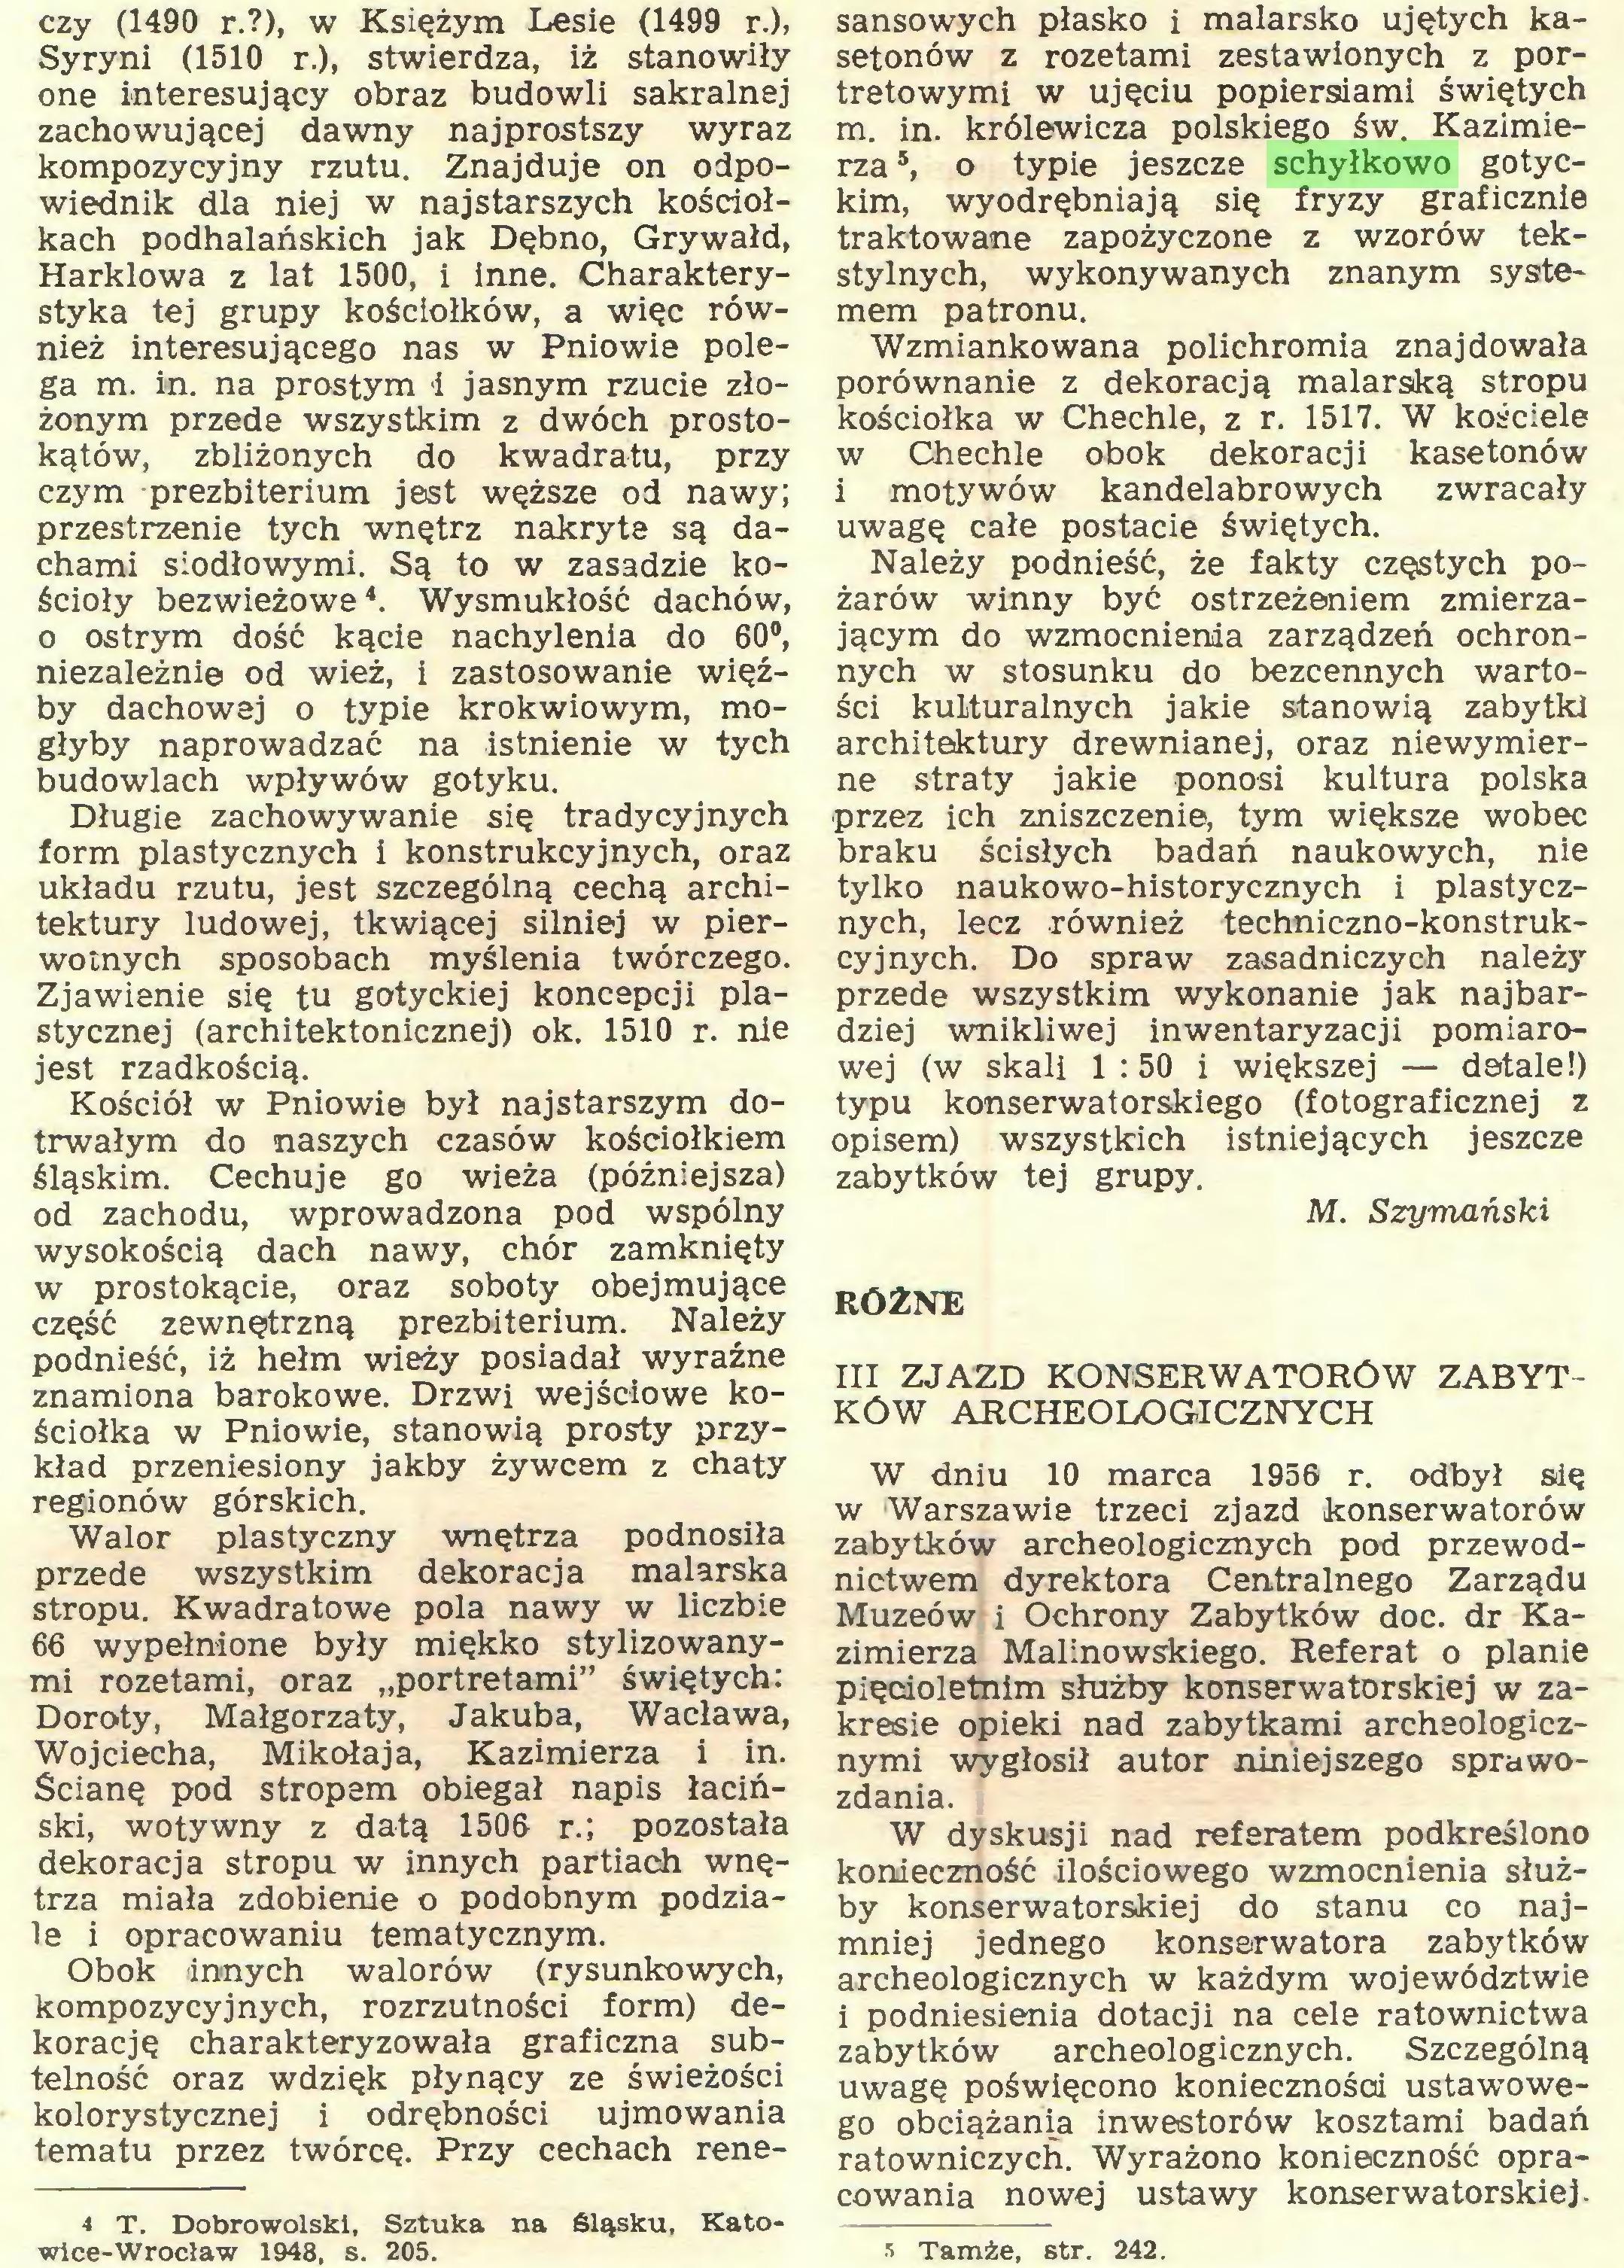 (...) wice-Wrocław 1948, s. 205. sansowych płasko i malarsko ujętych kasetonów z rozetami zestawionych z portretowymi w ujęciu popiersiami świętych m. in. królewicza polskiego św. Kazimierza 5, o typie jeszcze schyłkowo gotyckim, wyodrębniają się fryzy graficznie traktowane zapożyczone z wzorów tekstylnych, wykonywanych znanym systemem patronu...